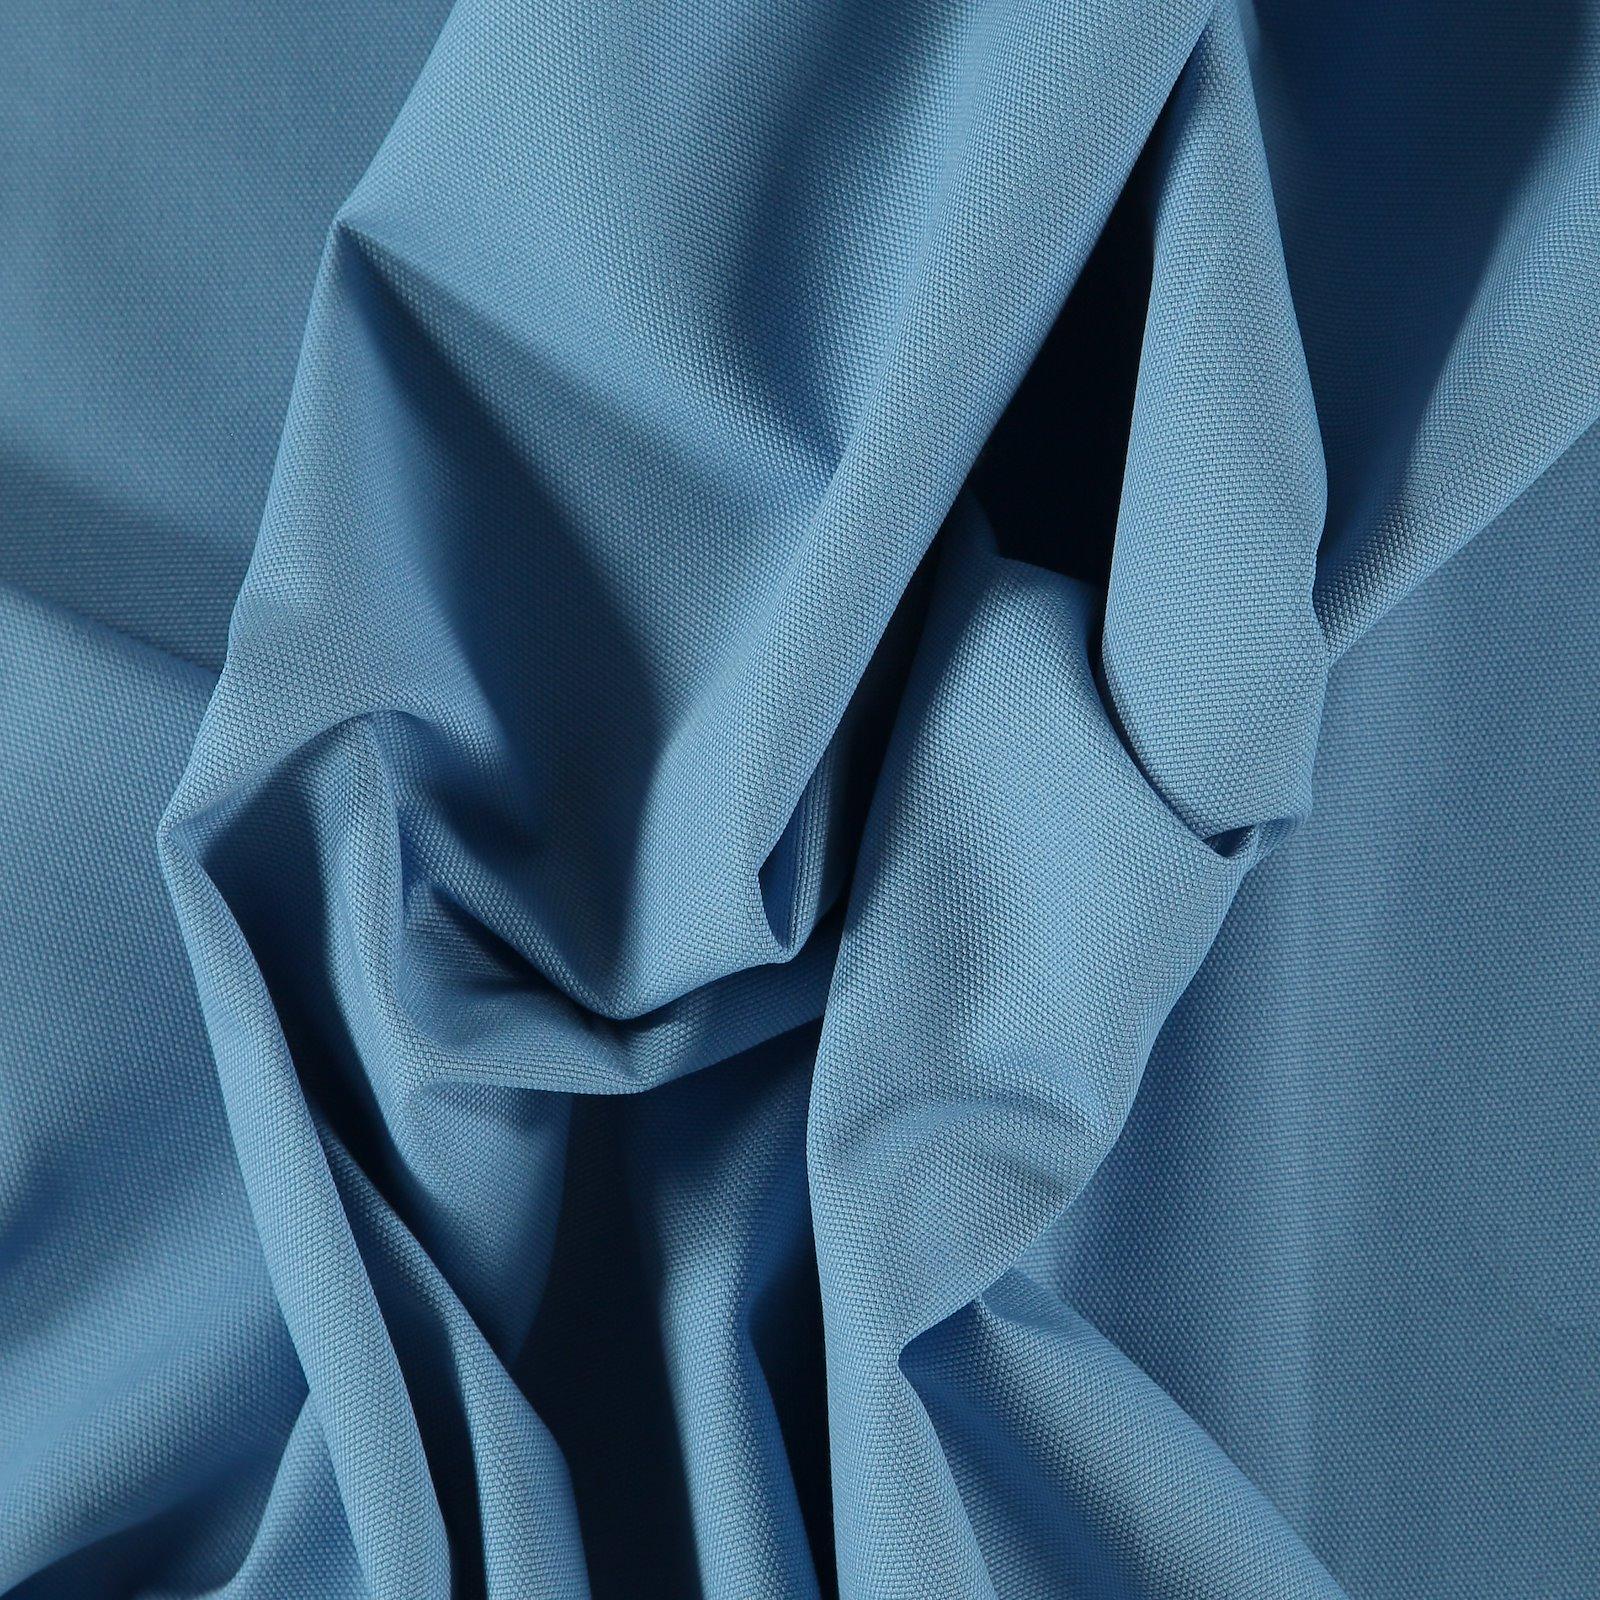 Cotton canvas light cobalt blue